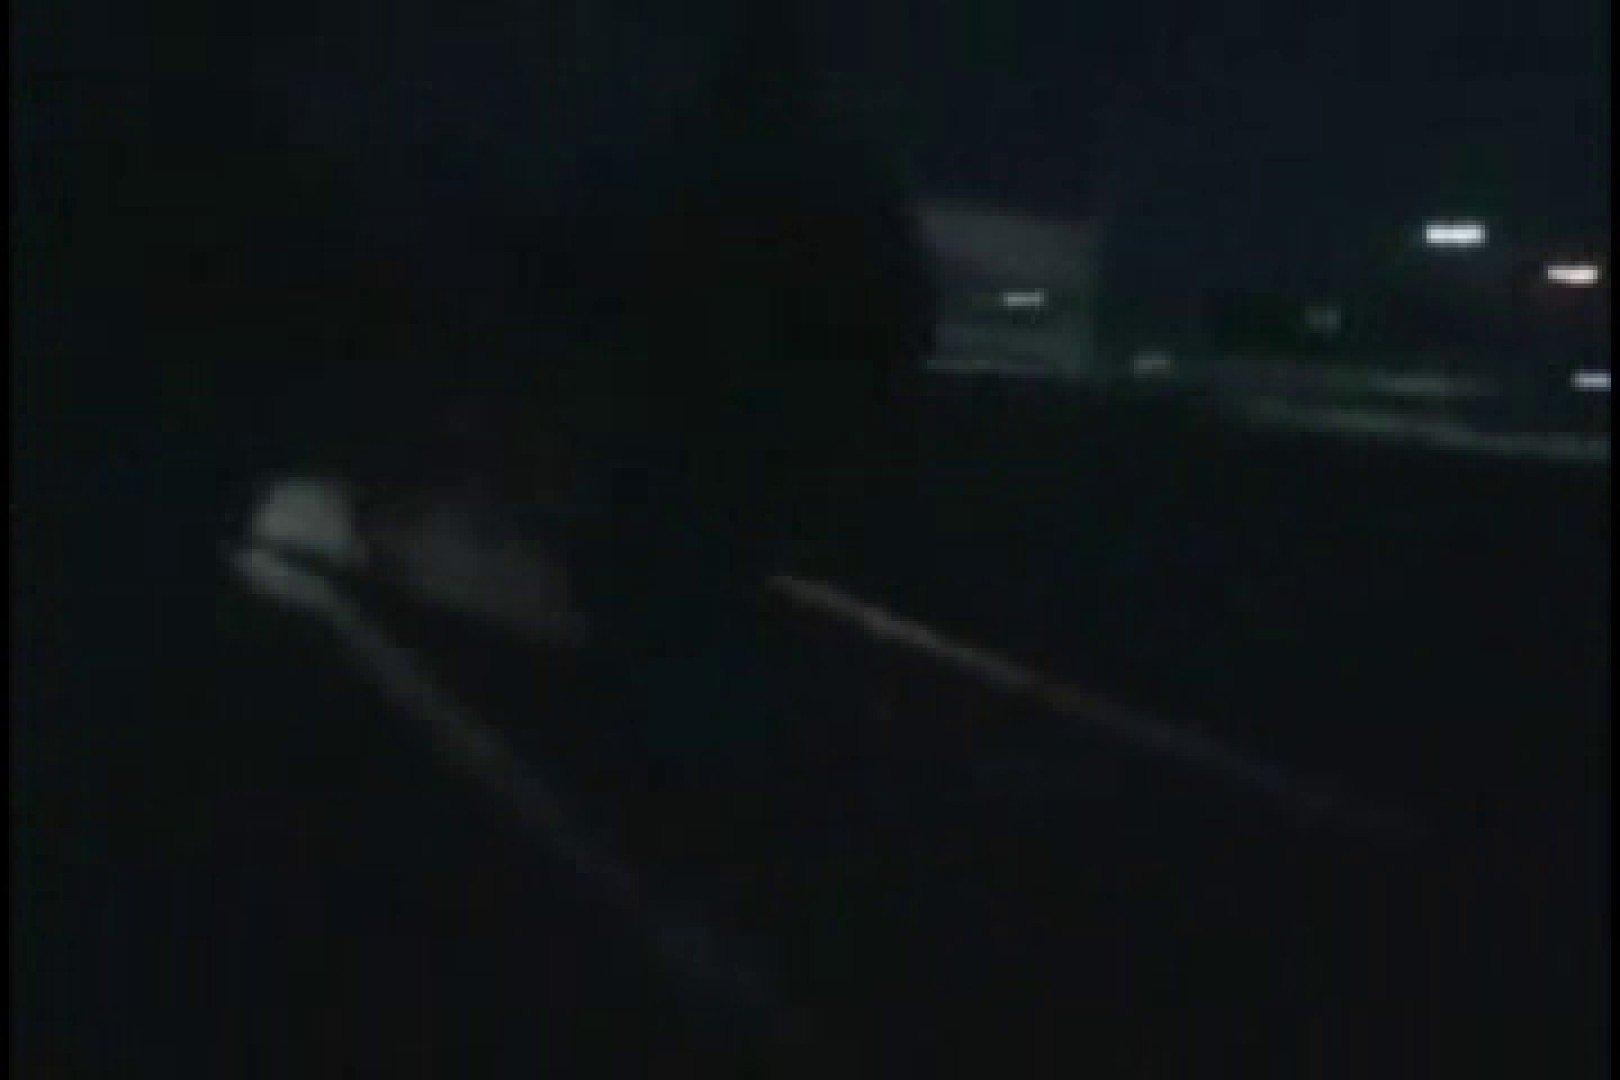 陰間茶屋 男児祭り VOL.3 裸  104pic 52